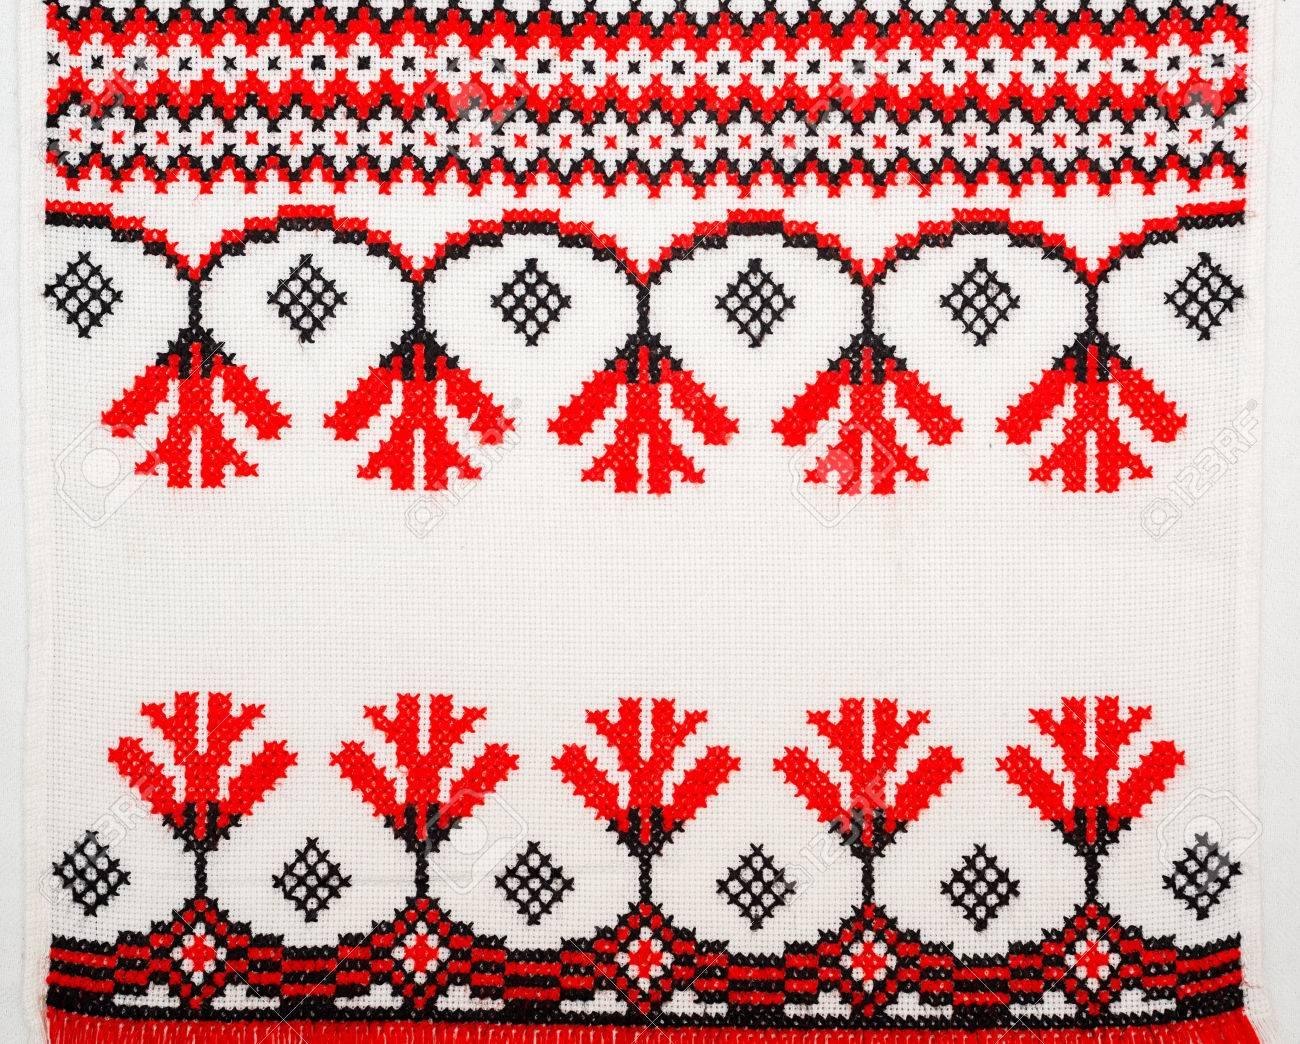 Buena Bordado Por Patrón De DMC. Ornamento étnico Ucraniano Fotos ...